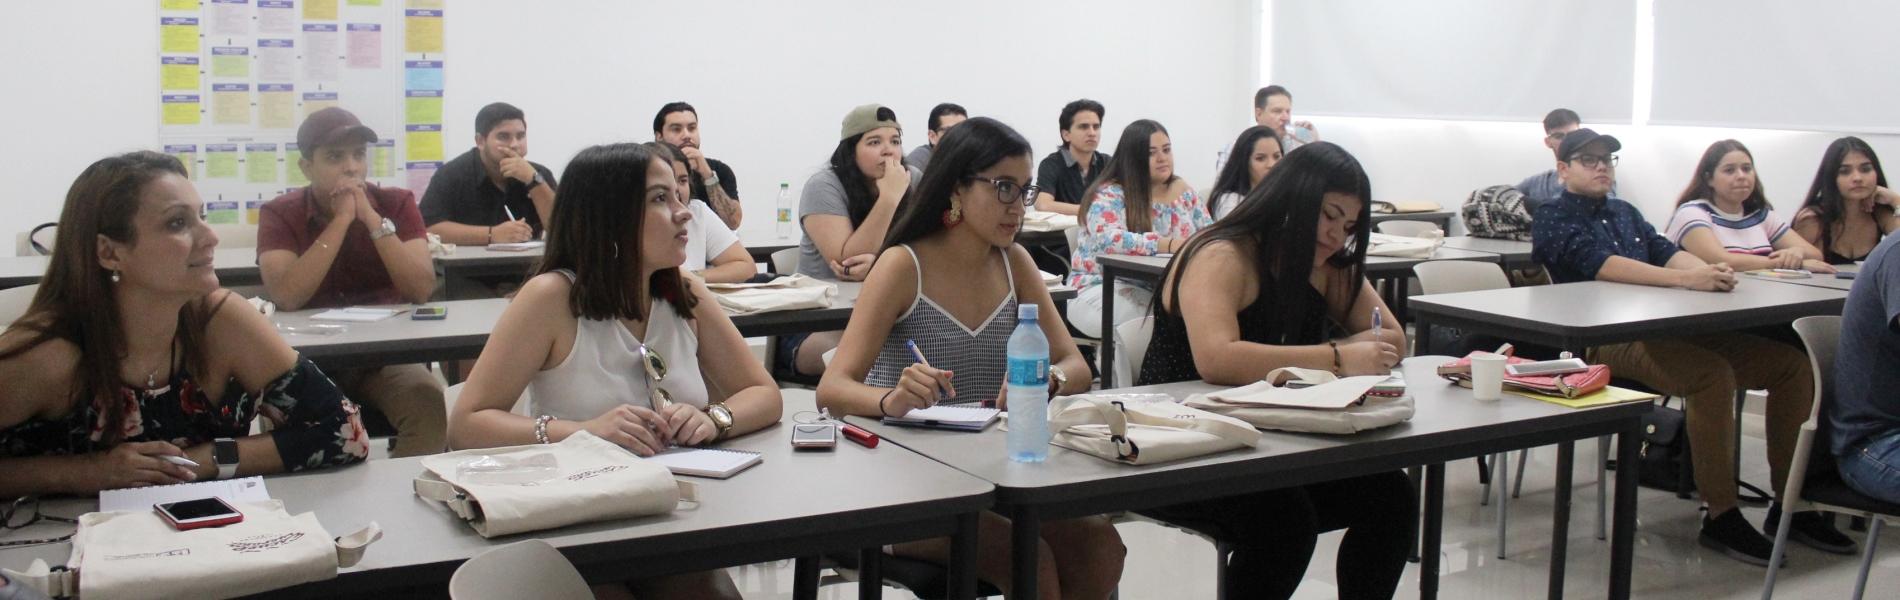 Estudiantes de Honduras en Misión académica en la UTB